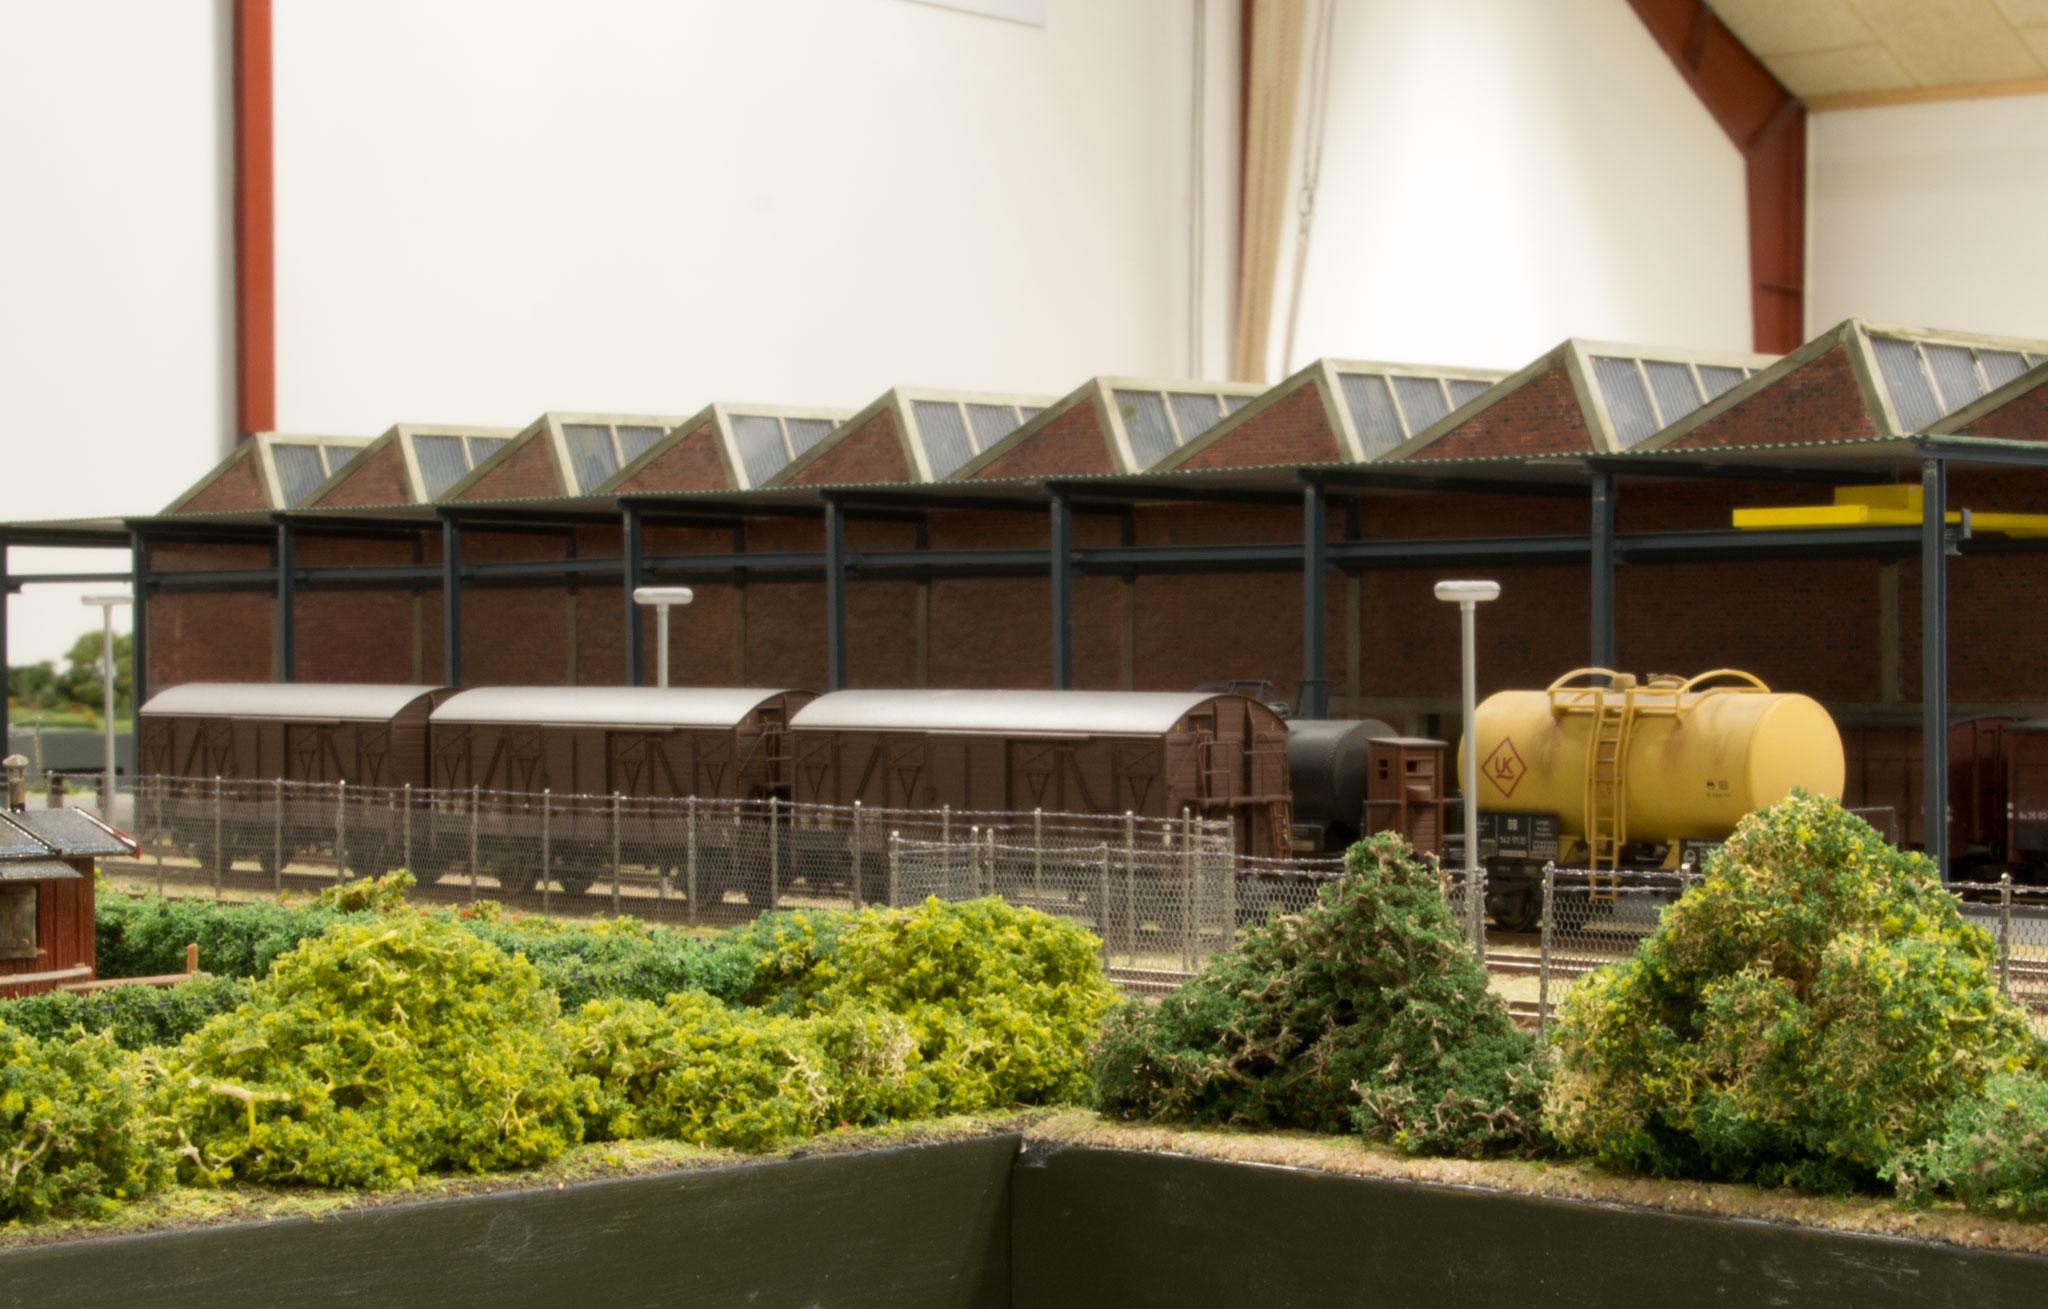 Vogne ved fabriksbygning på Superfos-anlægget